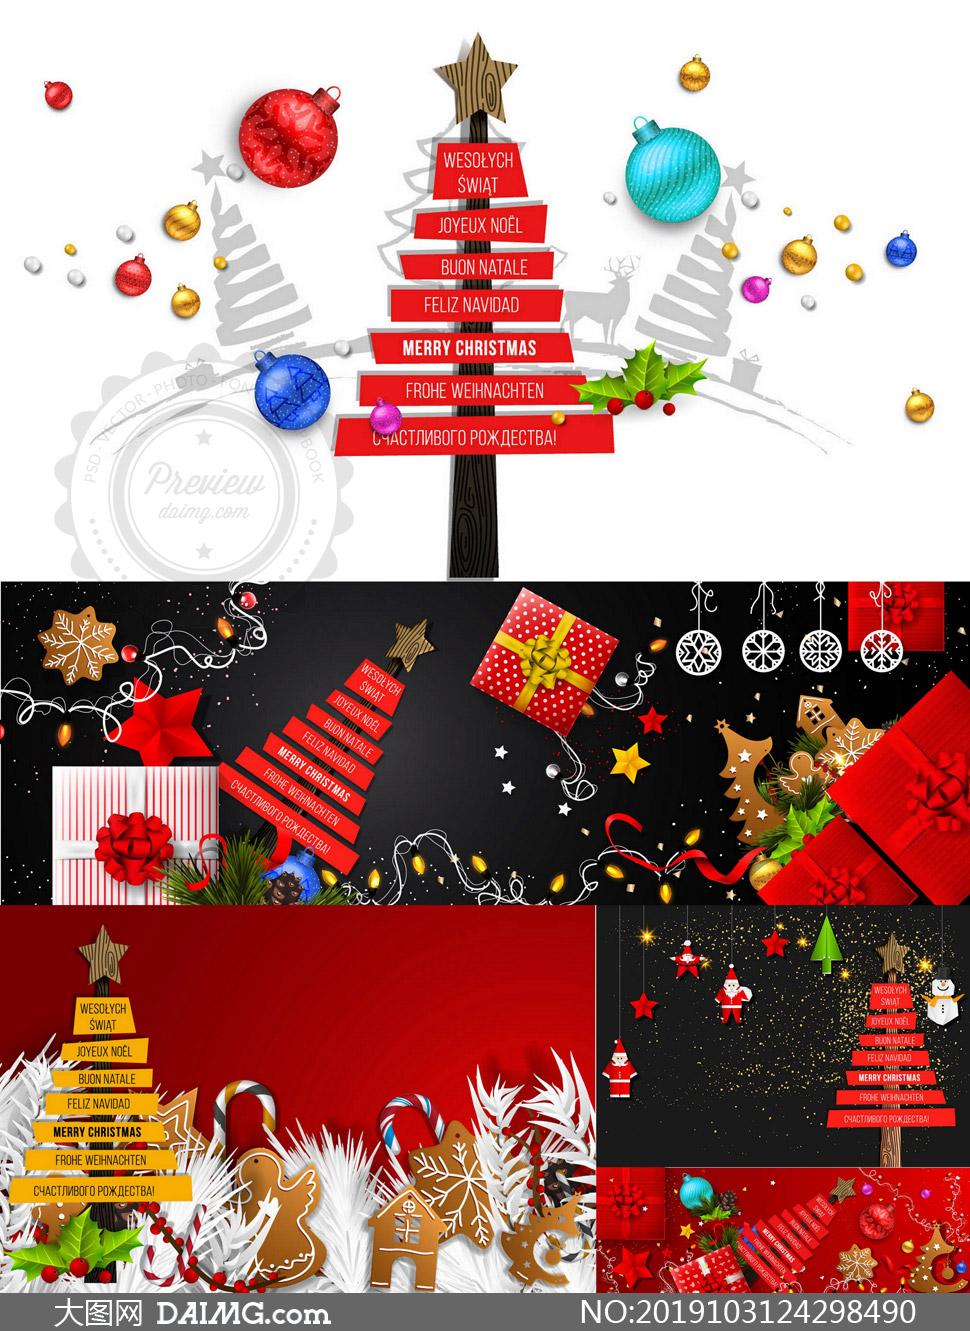 礼物盒与创意圣诞树等圣诞矢量素材